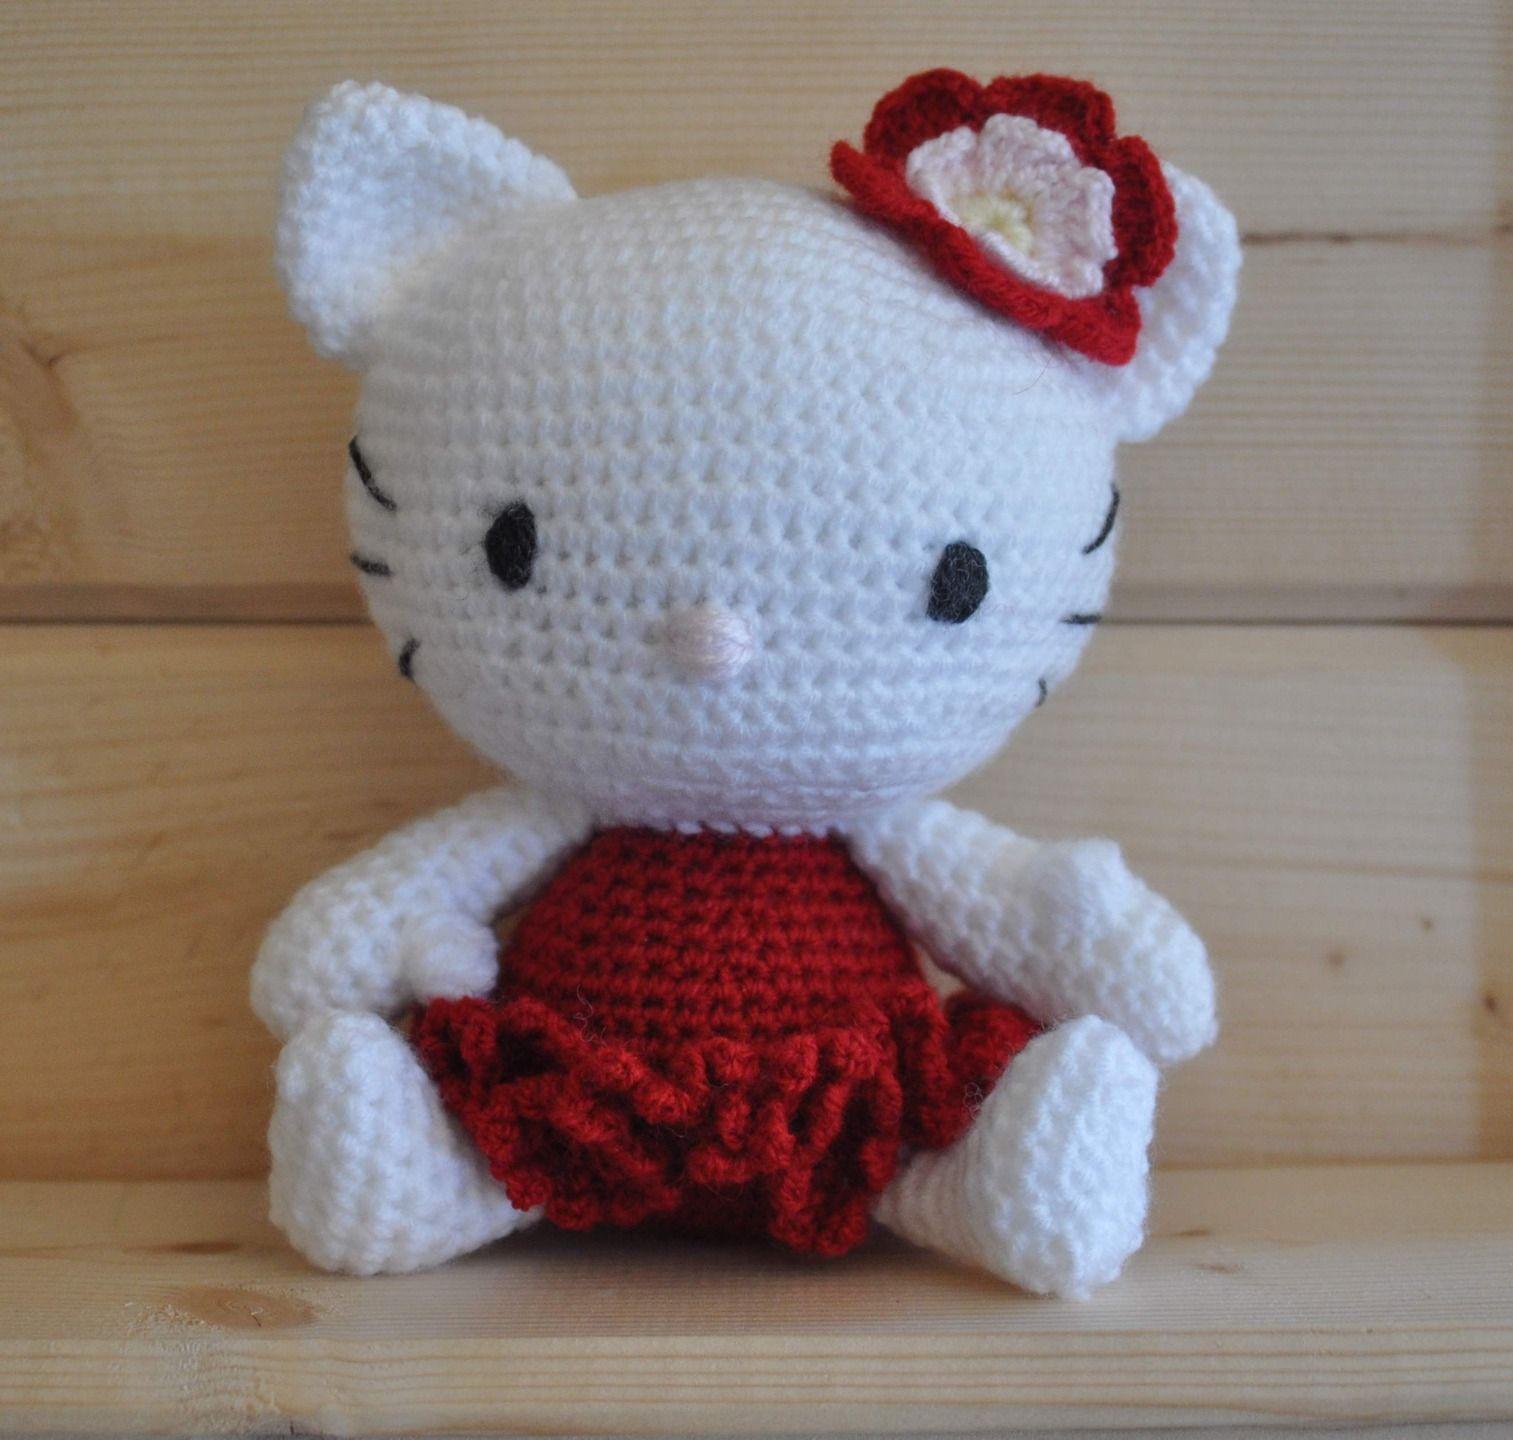 Doudou au crochet : Hello Kitty, doudou chat pour bébé dès la naissance, façon amigurumi, laines oeko-tex : Jeux, peluches, doudous par le-grenier-de-nano